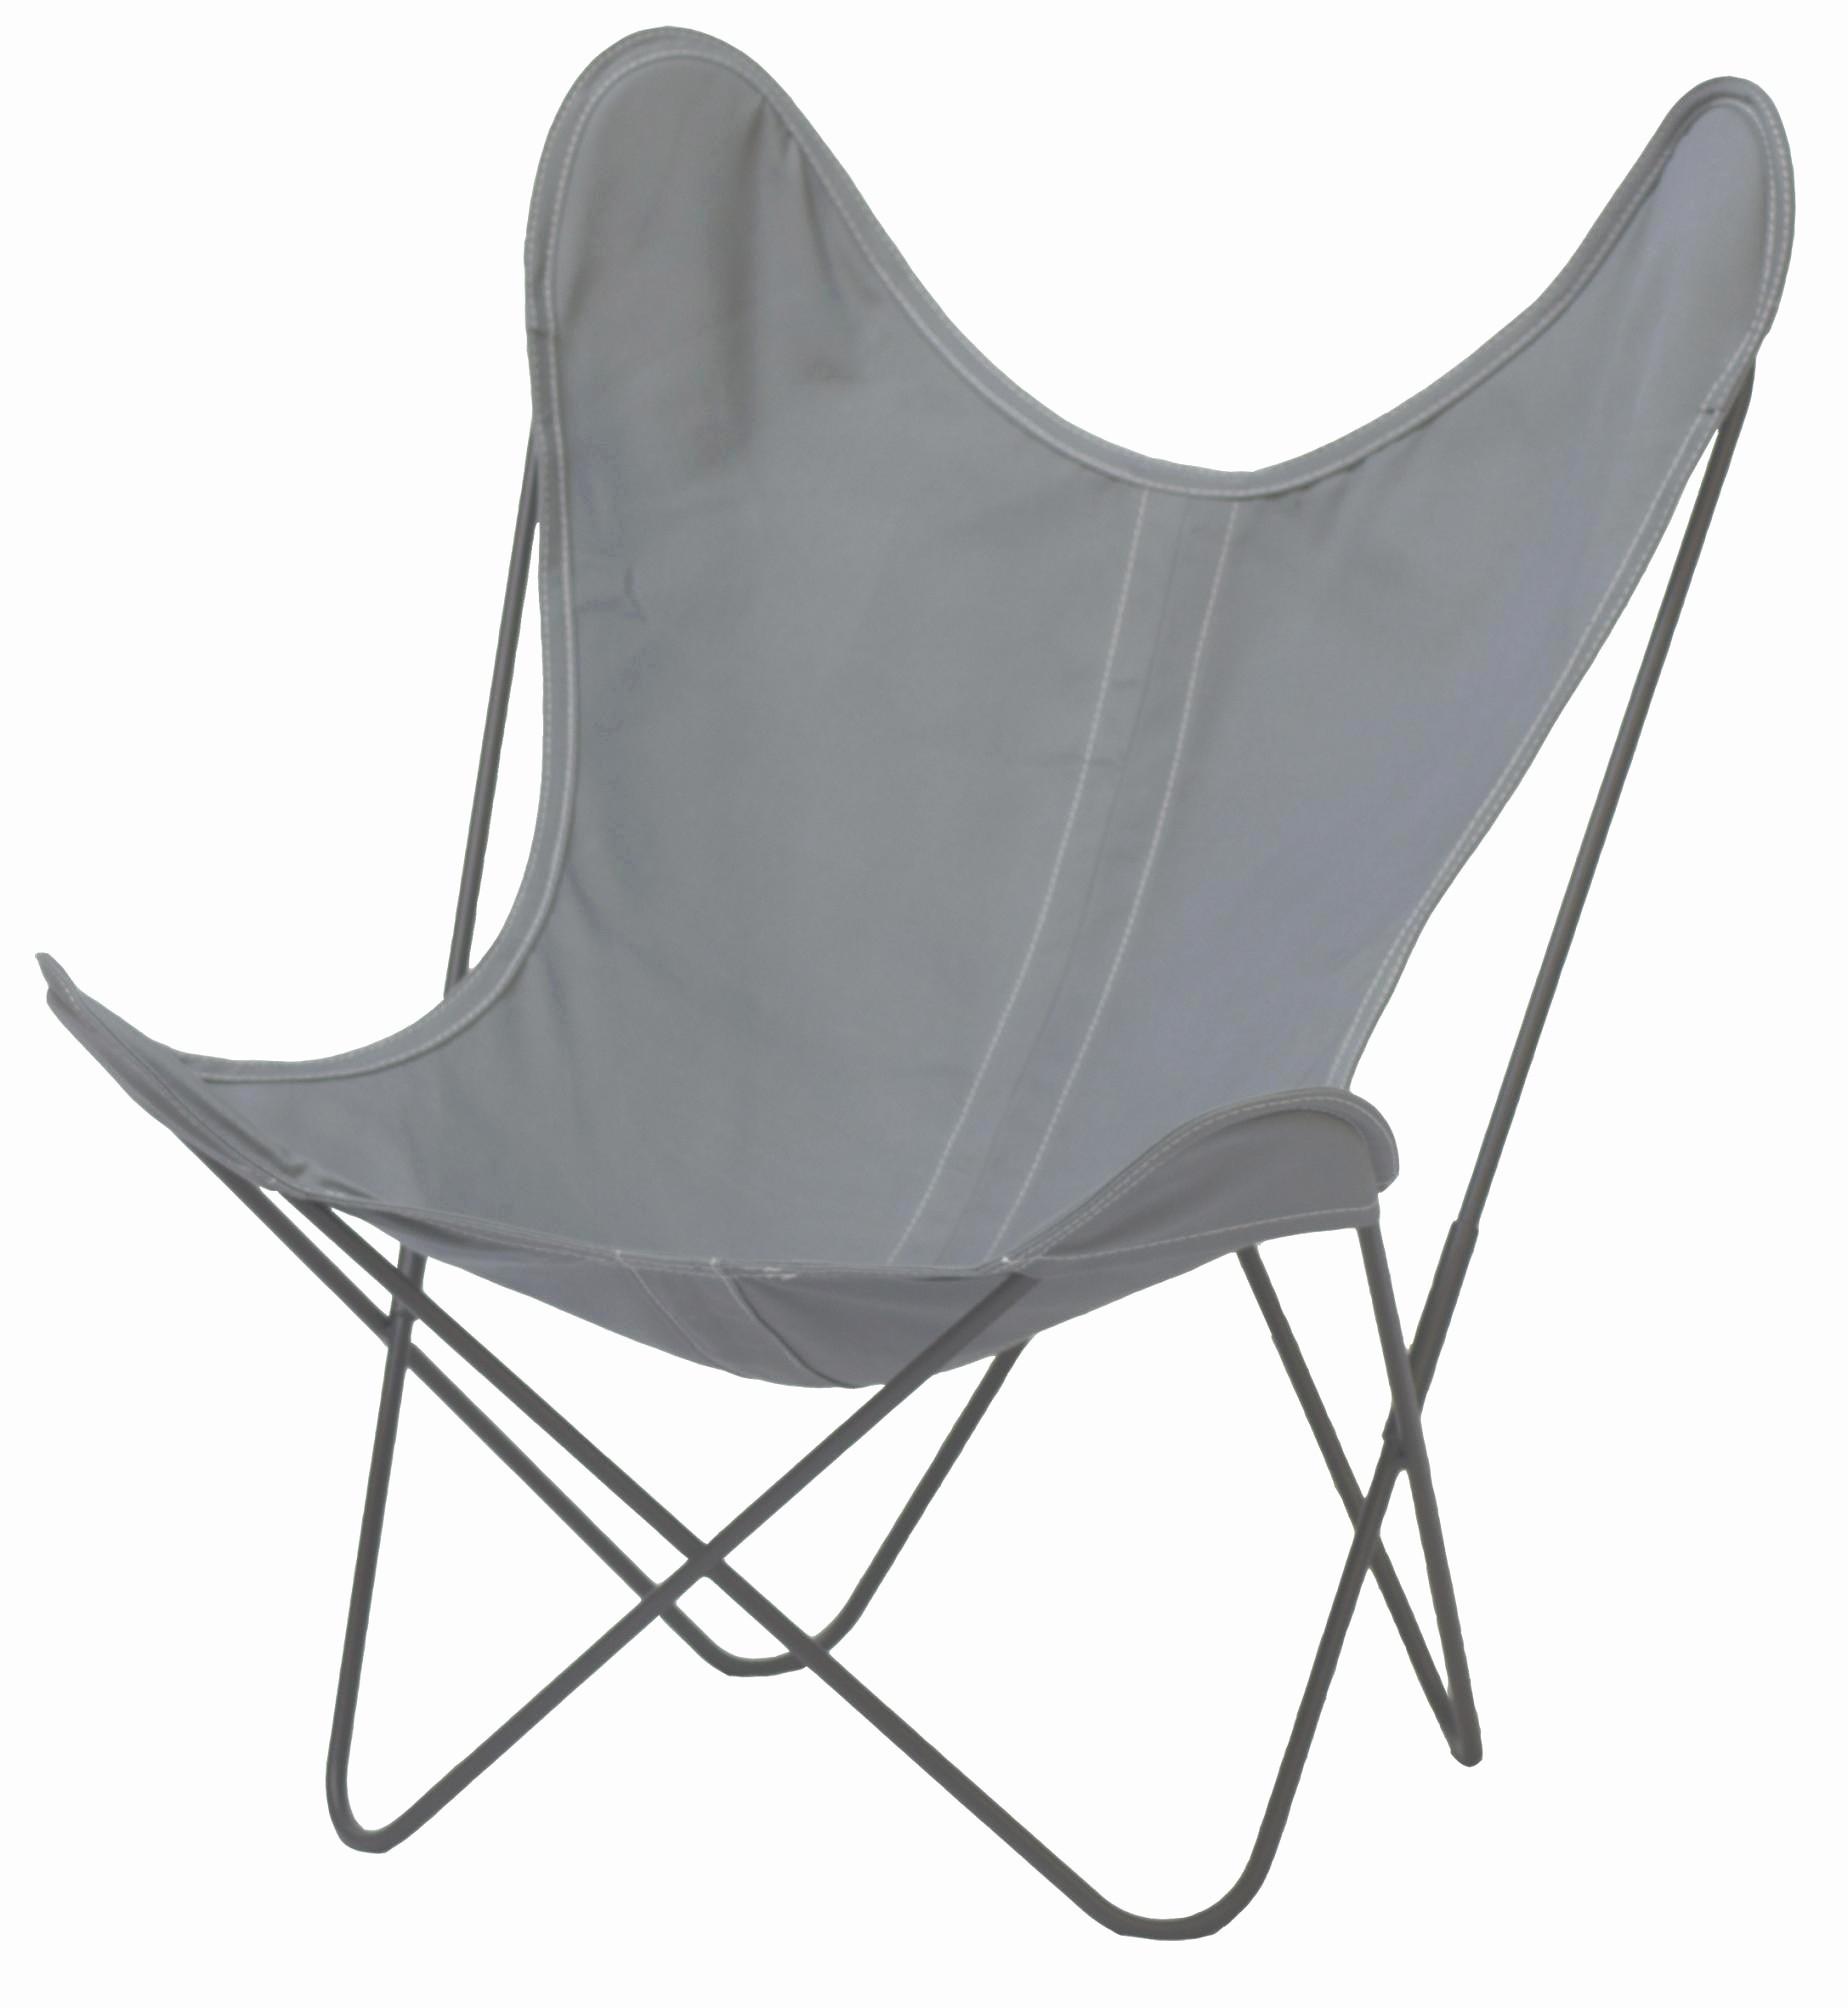 Housse chaise jardin leroy merlin - veranda-styledevie.fr